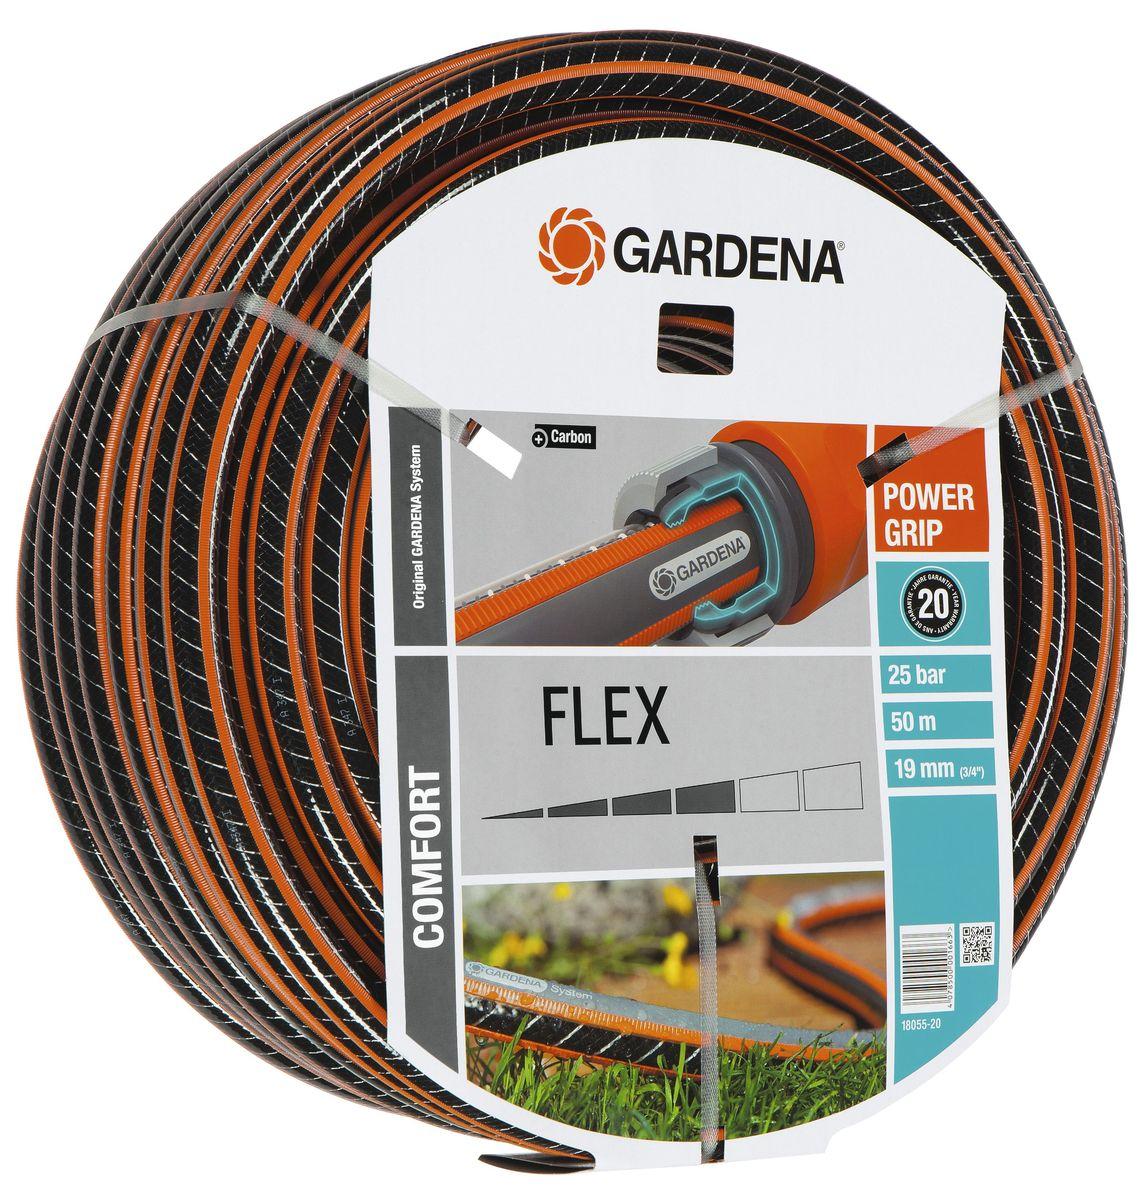 Шланг Gardena Flex, диаметр 3/4, длина 50 м18055-20.000.00Шланг Gardena Flex с ребристым профилем Power Grip предназначен для идеального соединения с коннекторами базовой системы полива. Устойчив к высокому давлению и сохраняет формы благодаря спиралевидному текстильному армированию, усиленному углеродом.Не перегибается, не спутывается.